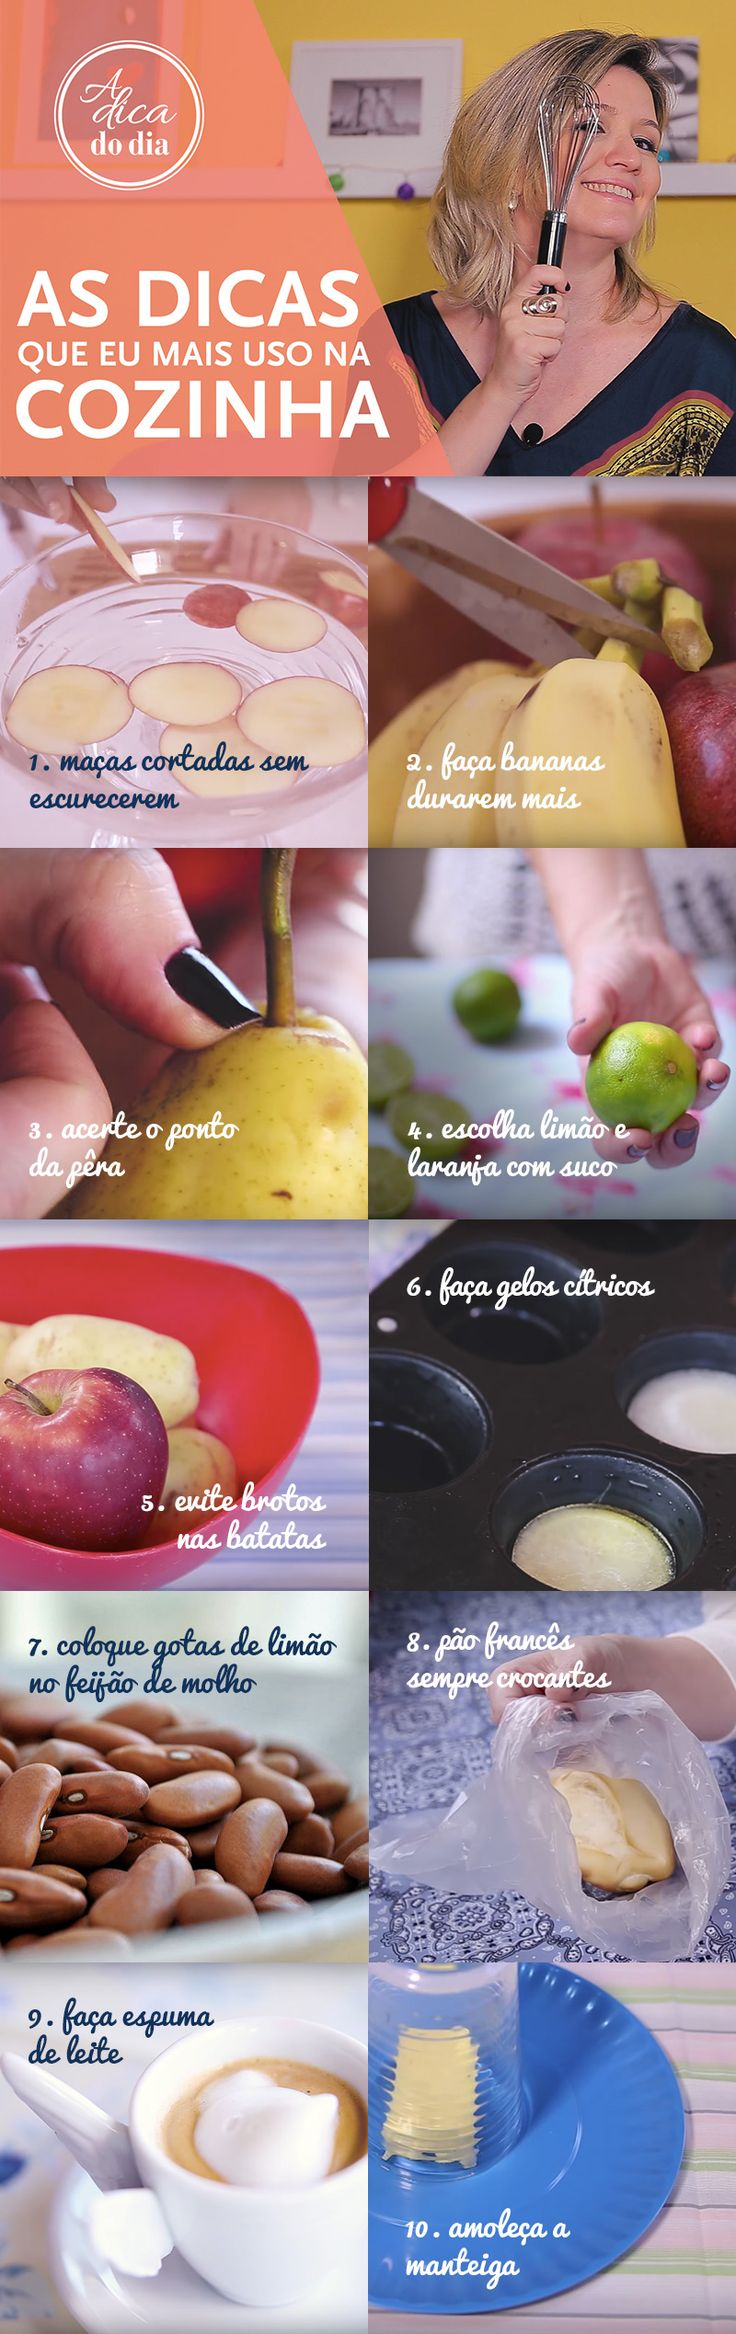 TOP 10 DICAS DE ALIMENTOS EM CASA: Nossas dicas preferidas para facilitar o seu dia a dia na cozinha! É tanta dica interessante que, com certeza, sua relação com os alimentos irá mudar. Aprenda a não deixar mais a maçã escurecer, depois de cortada; Manter a banana madura por muito mais tempo; Descobrir se a pera está madura e boa para o consumo; Escolher apenas limões e laranjas com bastante suco (chega de usar muito limão para fazer pouca limonada!);